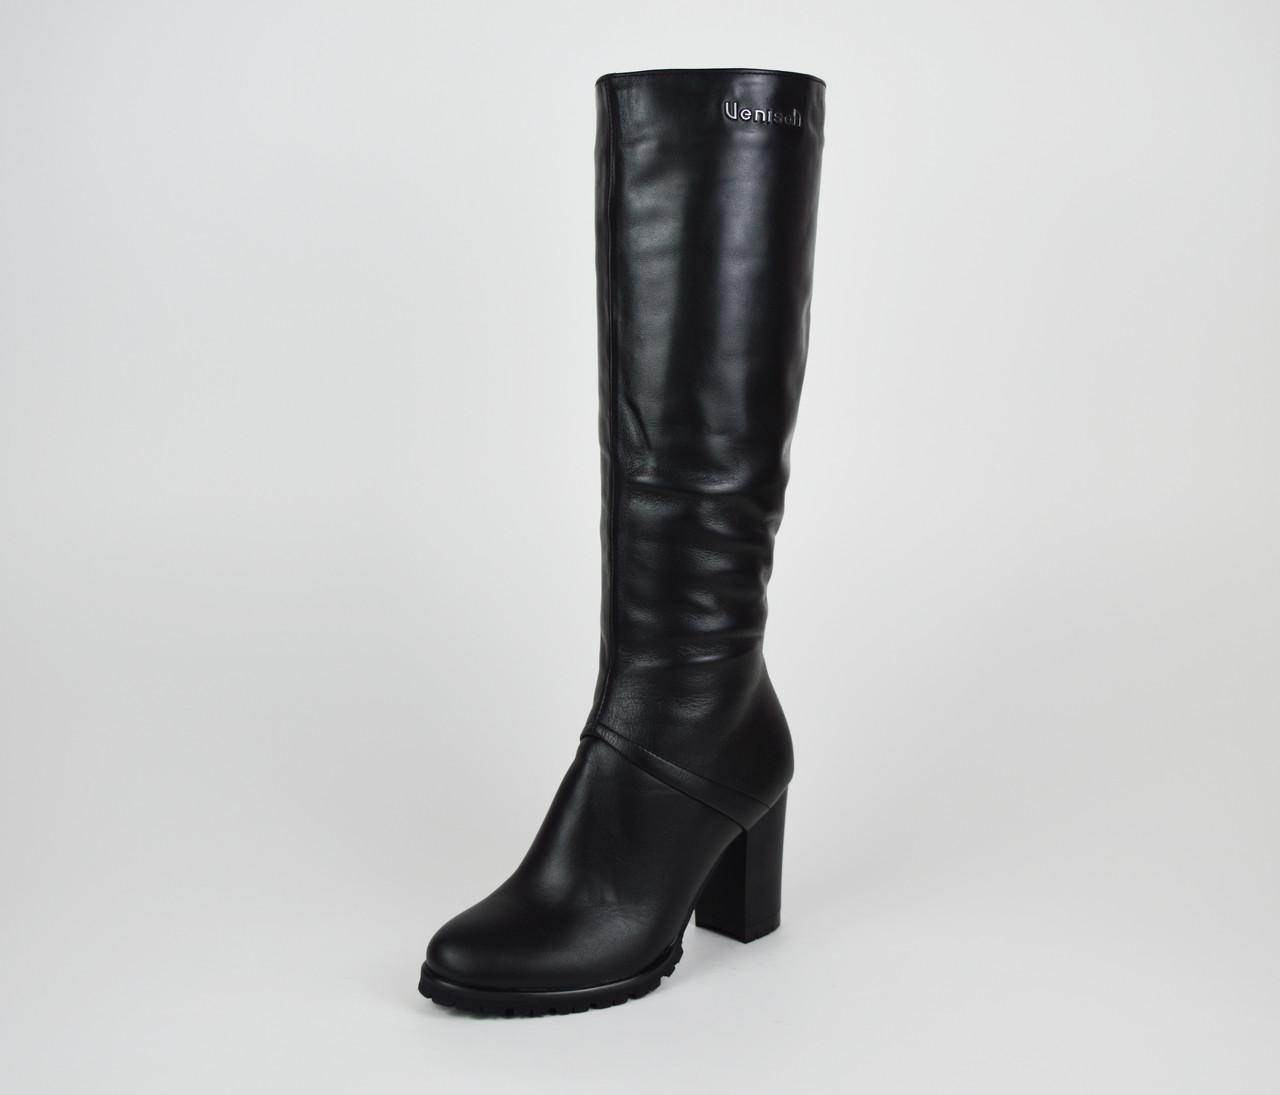 Кожаные сапоги на каблуке Venison Жардин